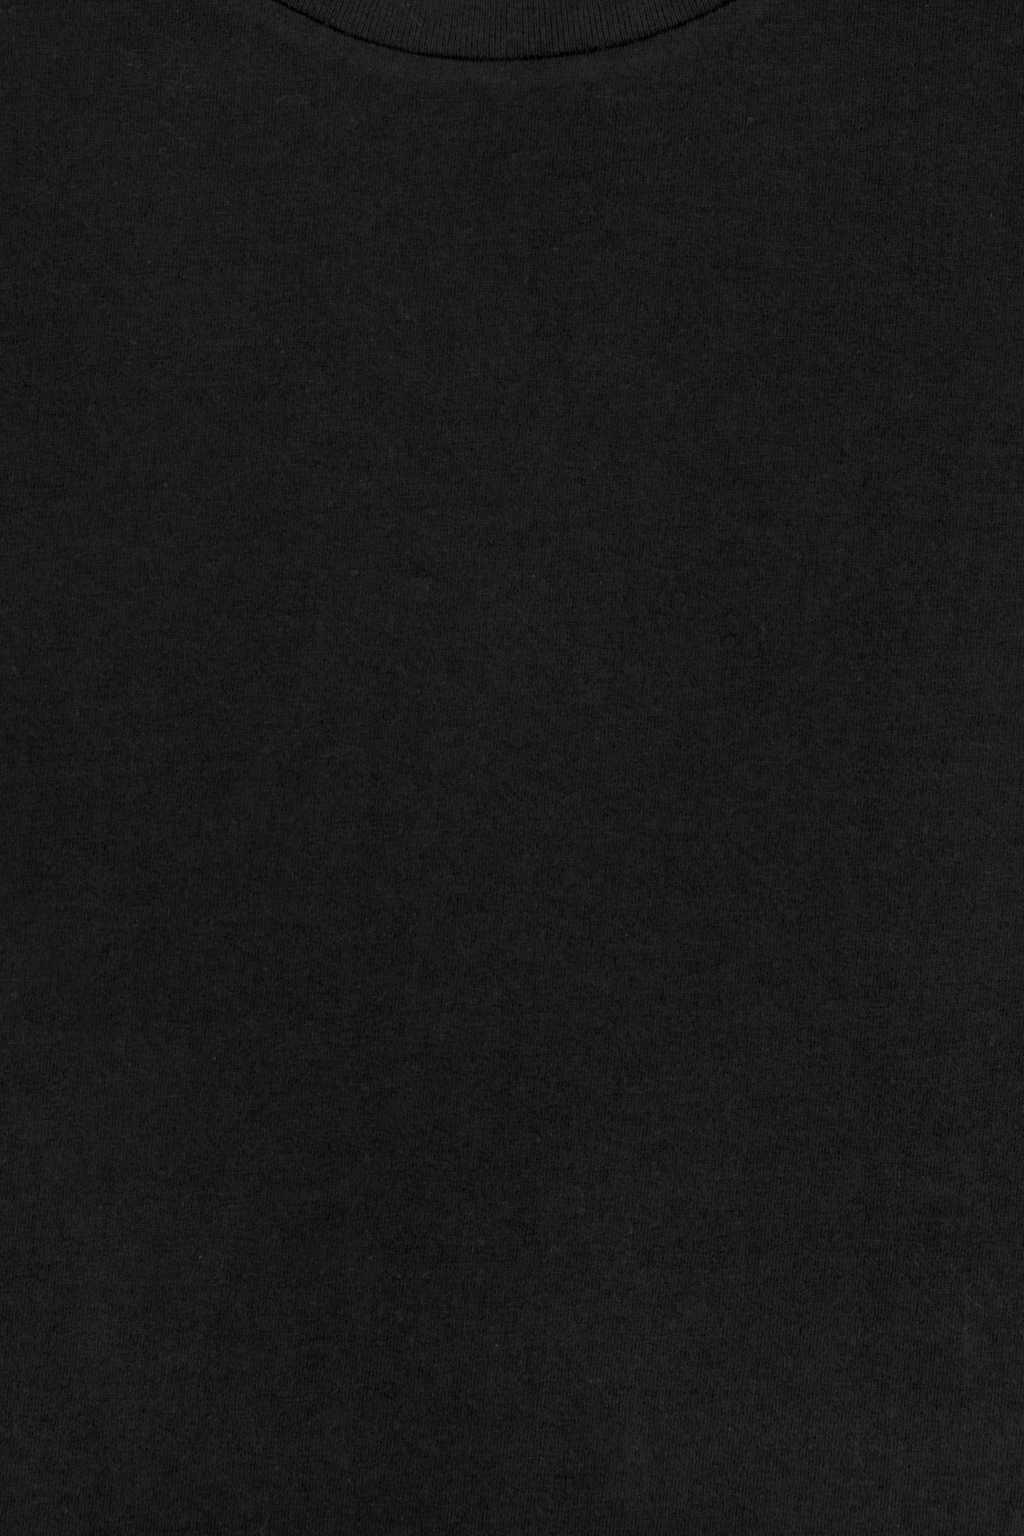 TShirt 3058 Black 11